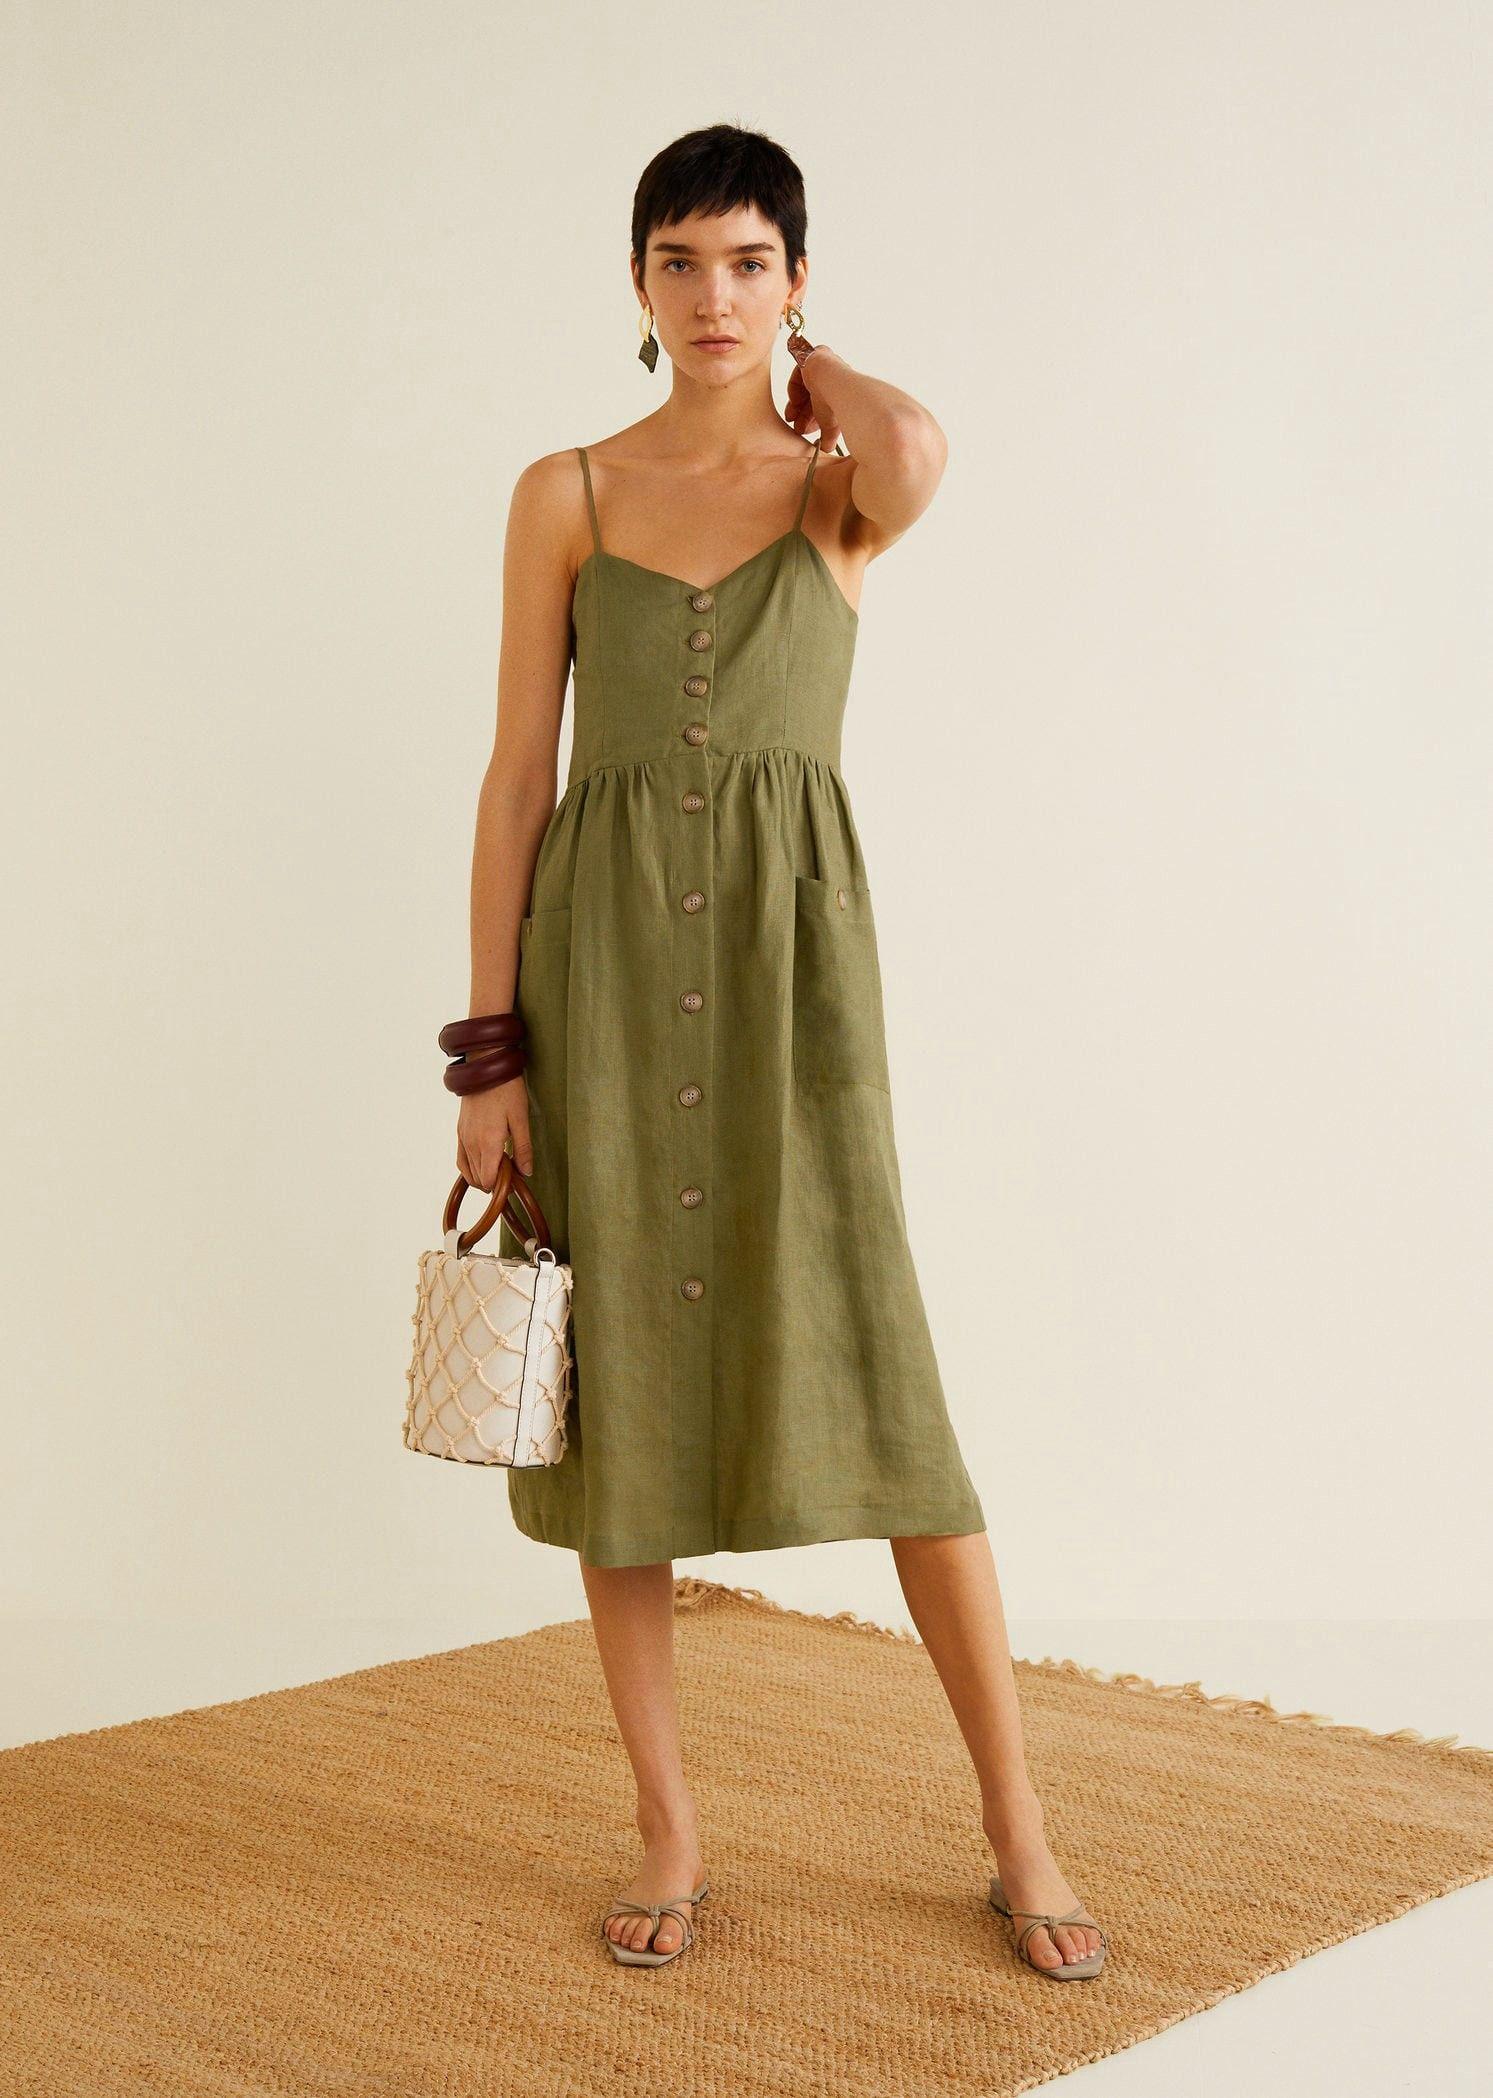 e4174d85f2bdba Mango Pockets Linen-Blend Dress - Khaki 4 in 2019 | Products | Linen ...